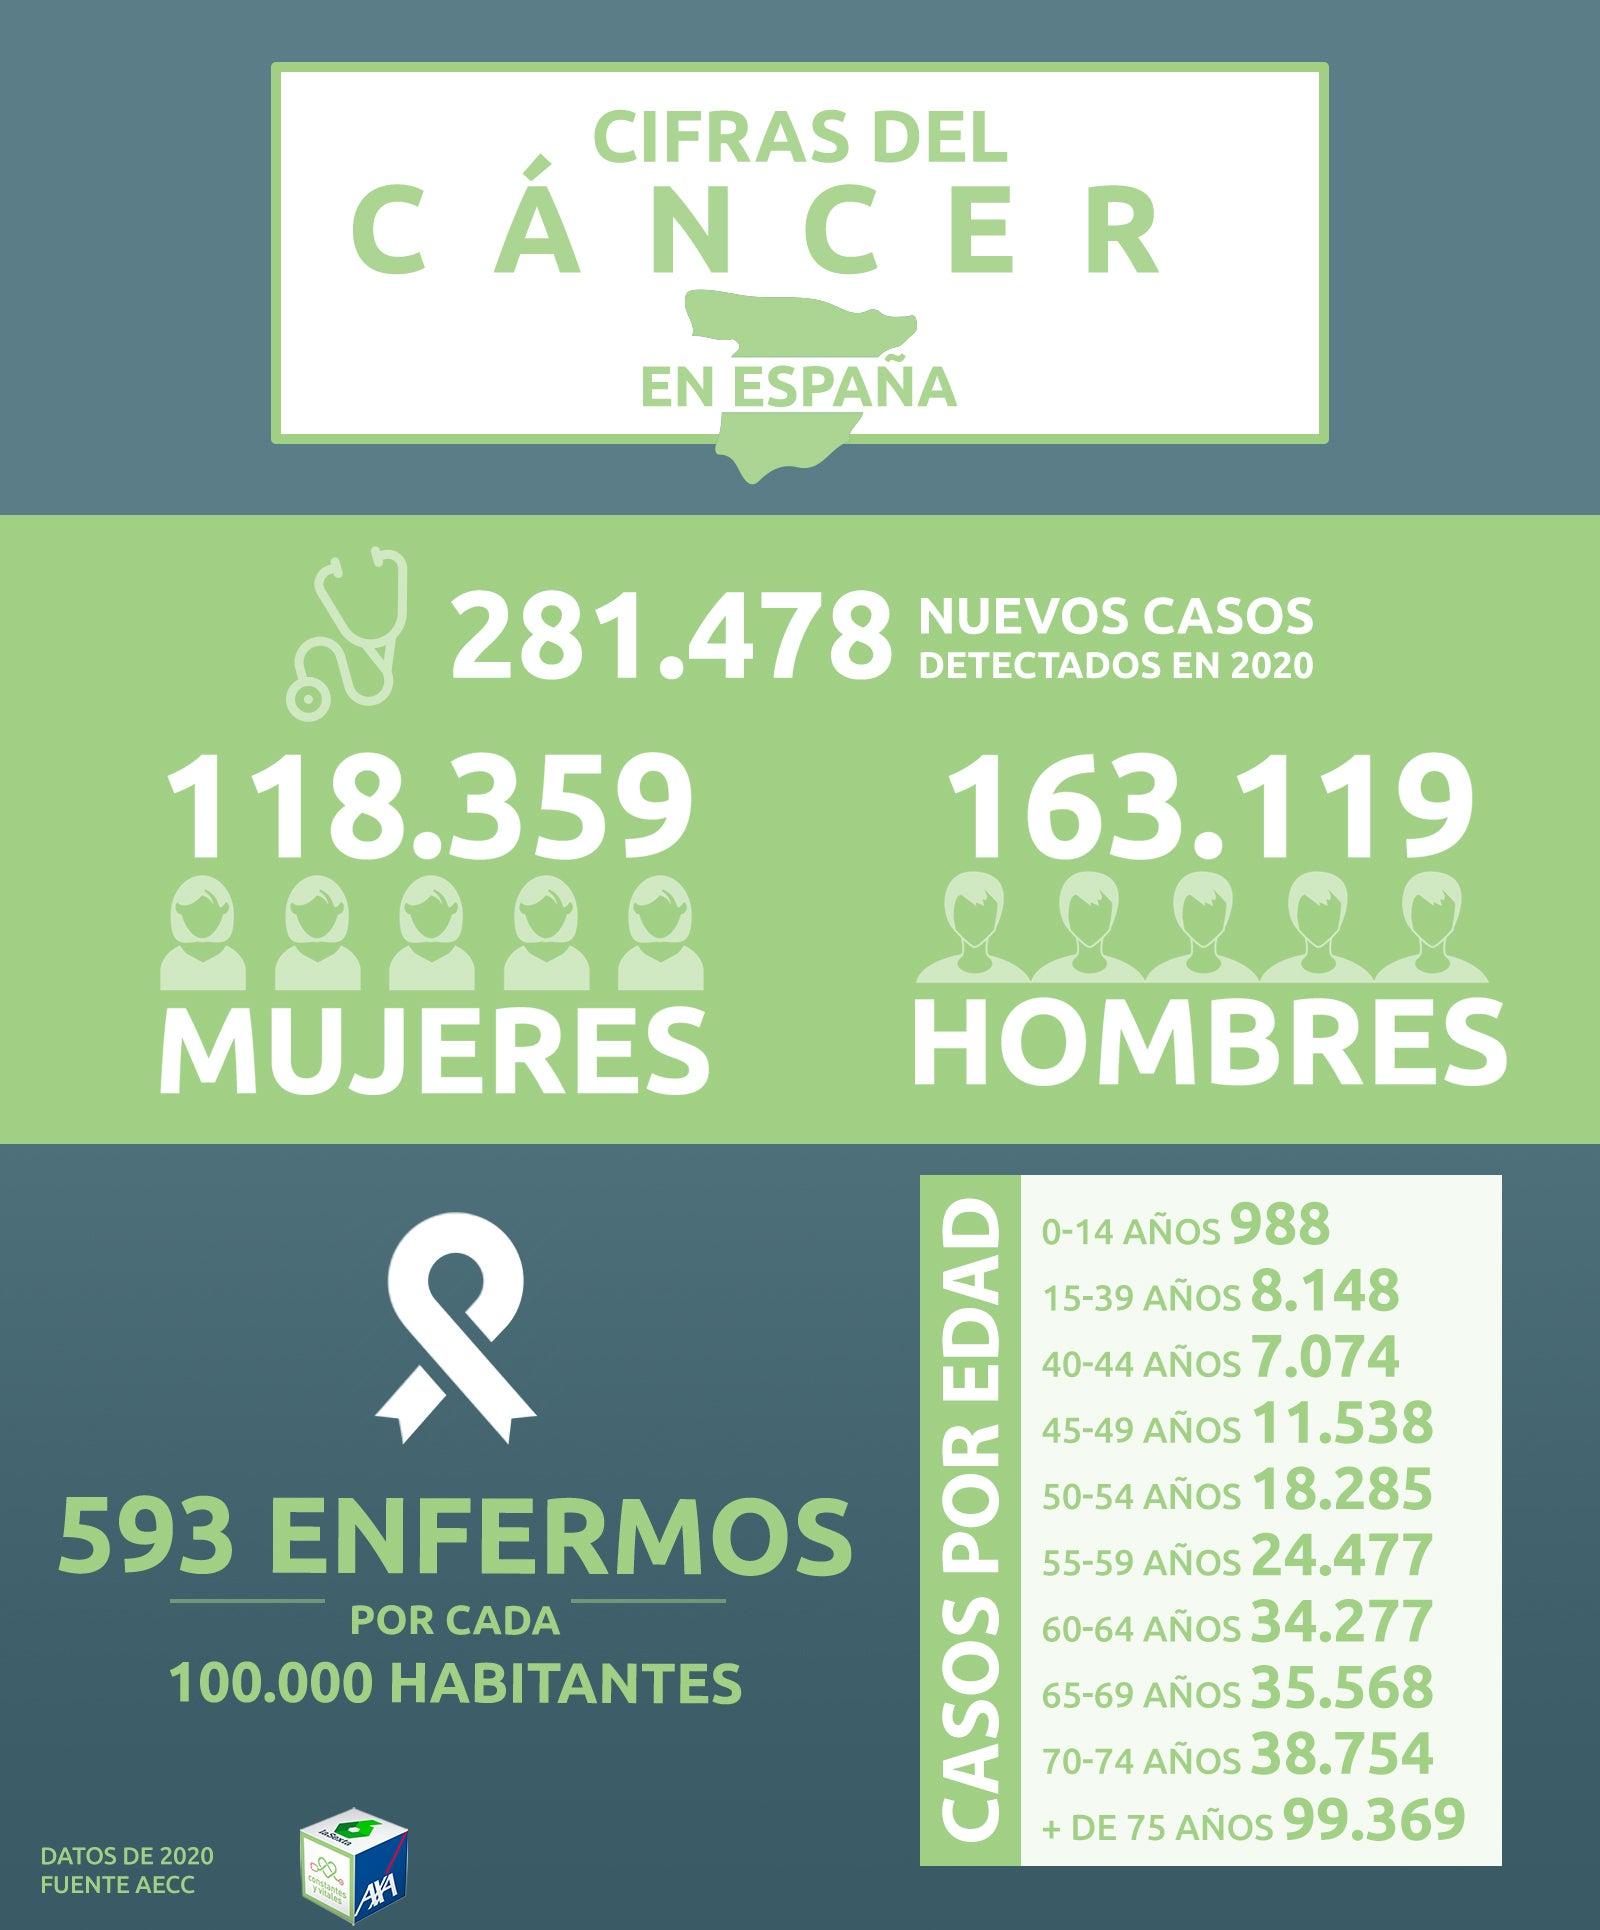 Cifras del cáncer en España